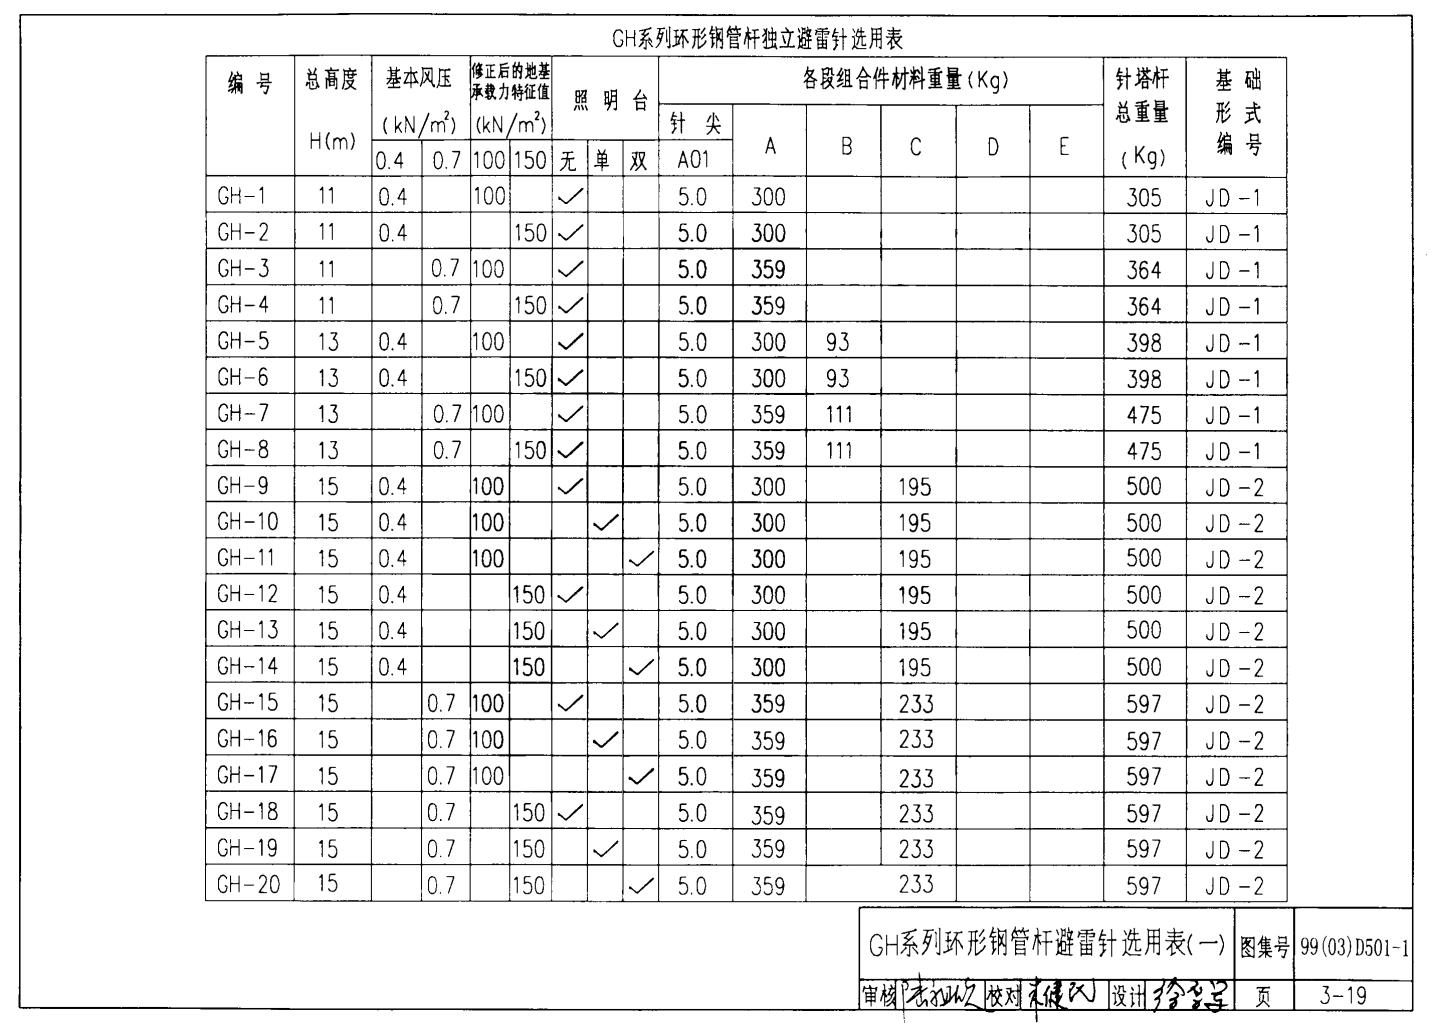 v药库雷击变电站防用于的炸药库15米GH-9图纸看哪里环形上塔吊基础图片